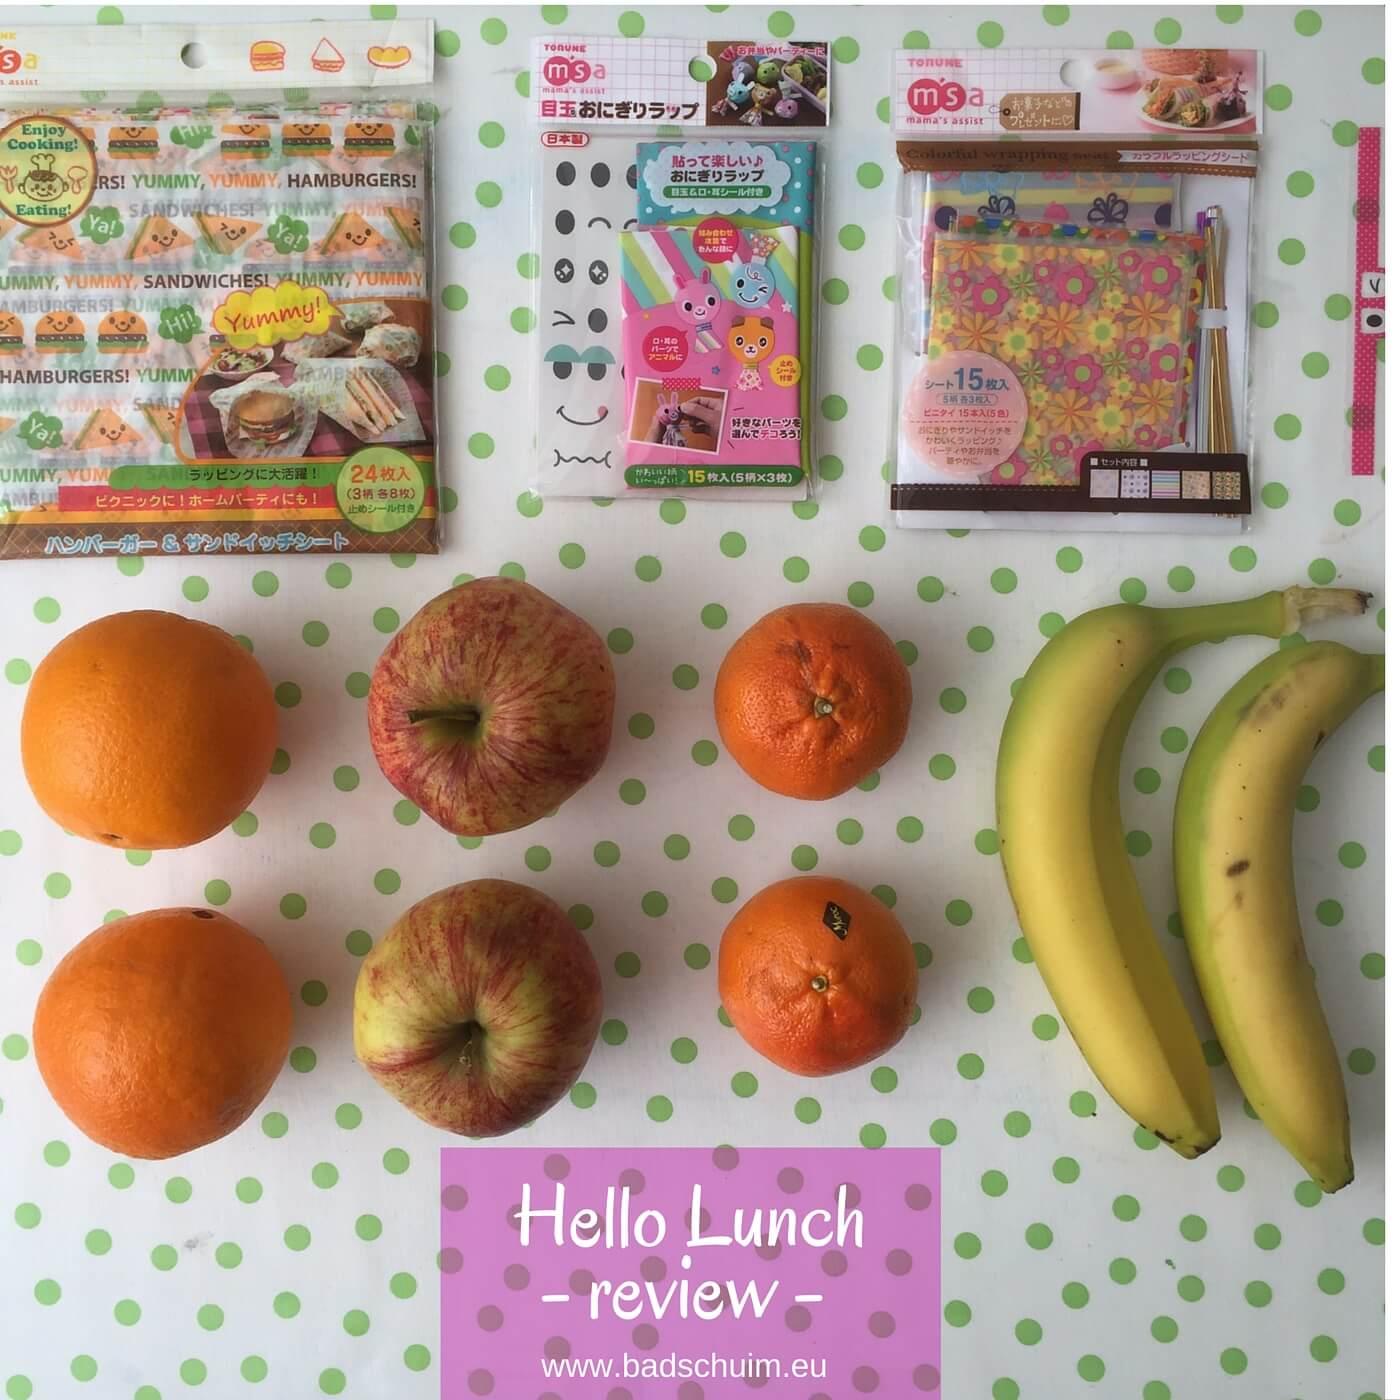 Webshop HelloLunch maakte onze broodtrommel tot een feestje met hun super leuke spulletjes. Van prikkers, uitsteekvormpjes, baranvellen tot broodtrommels. Lees en bekijk onze review.